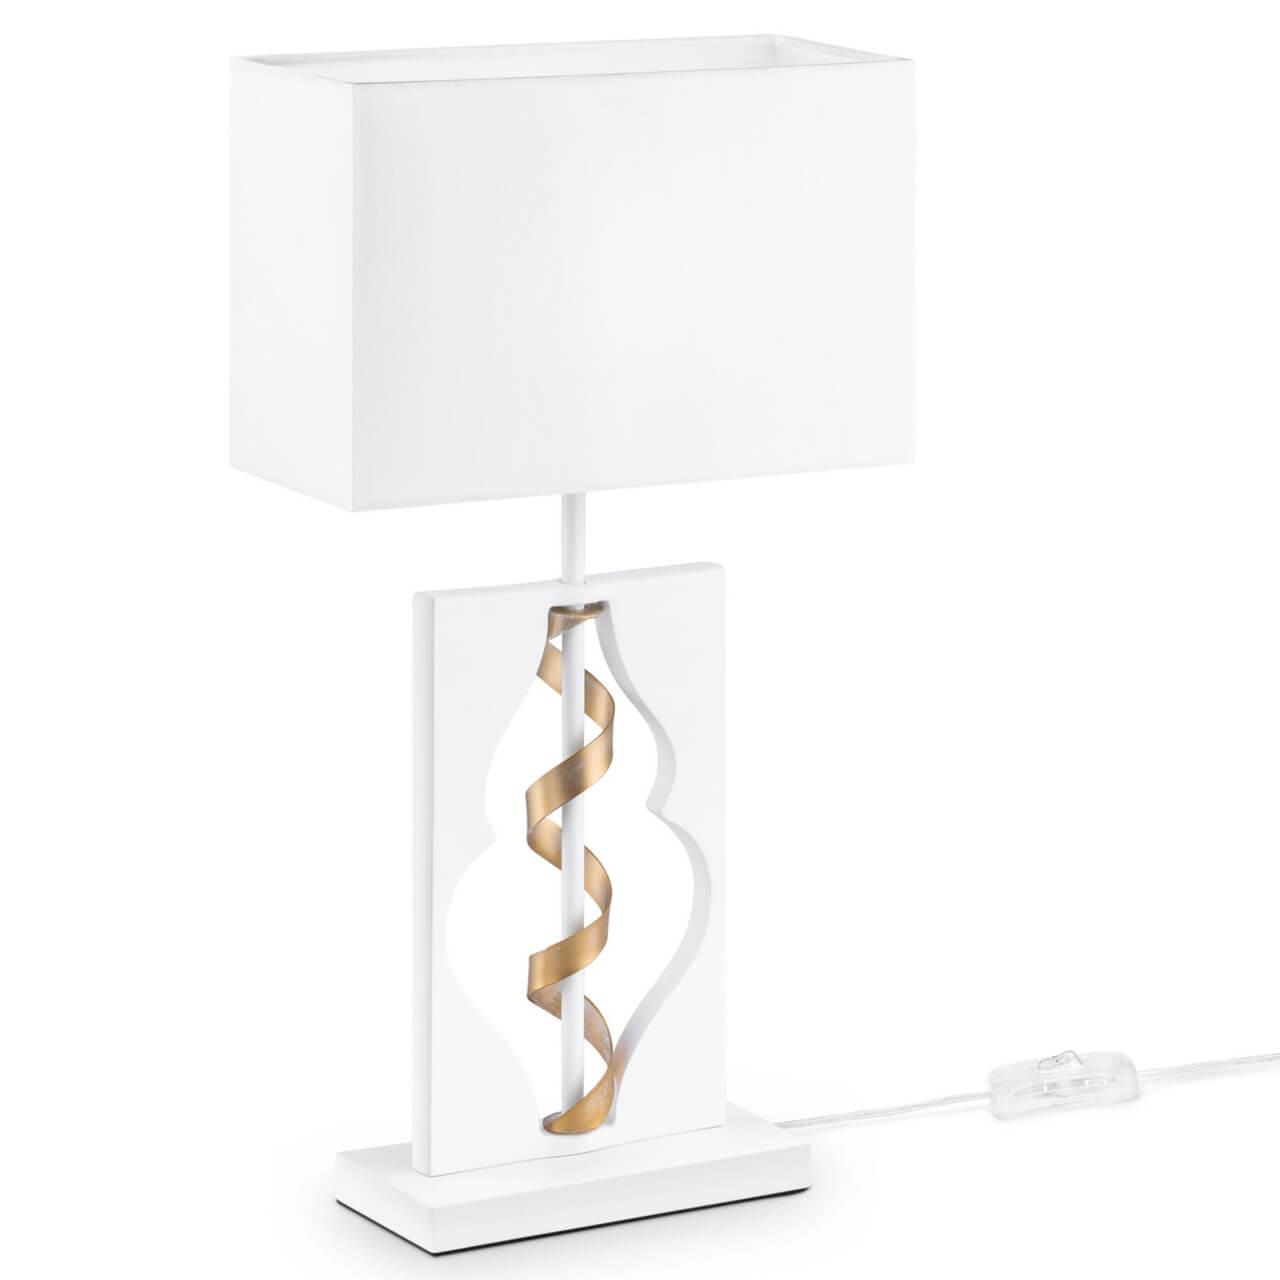 Настольная лампа Maytoni ARM010-11-W Intreccio White maytoni настольная лампа maytoni intreccio arm010 11 r